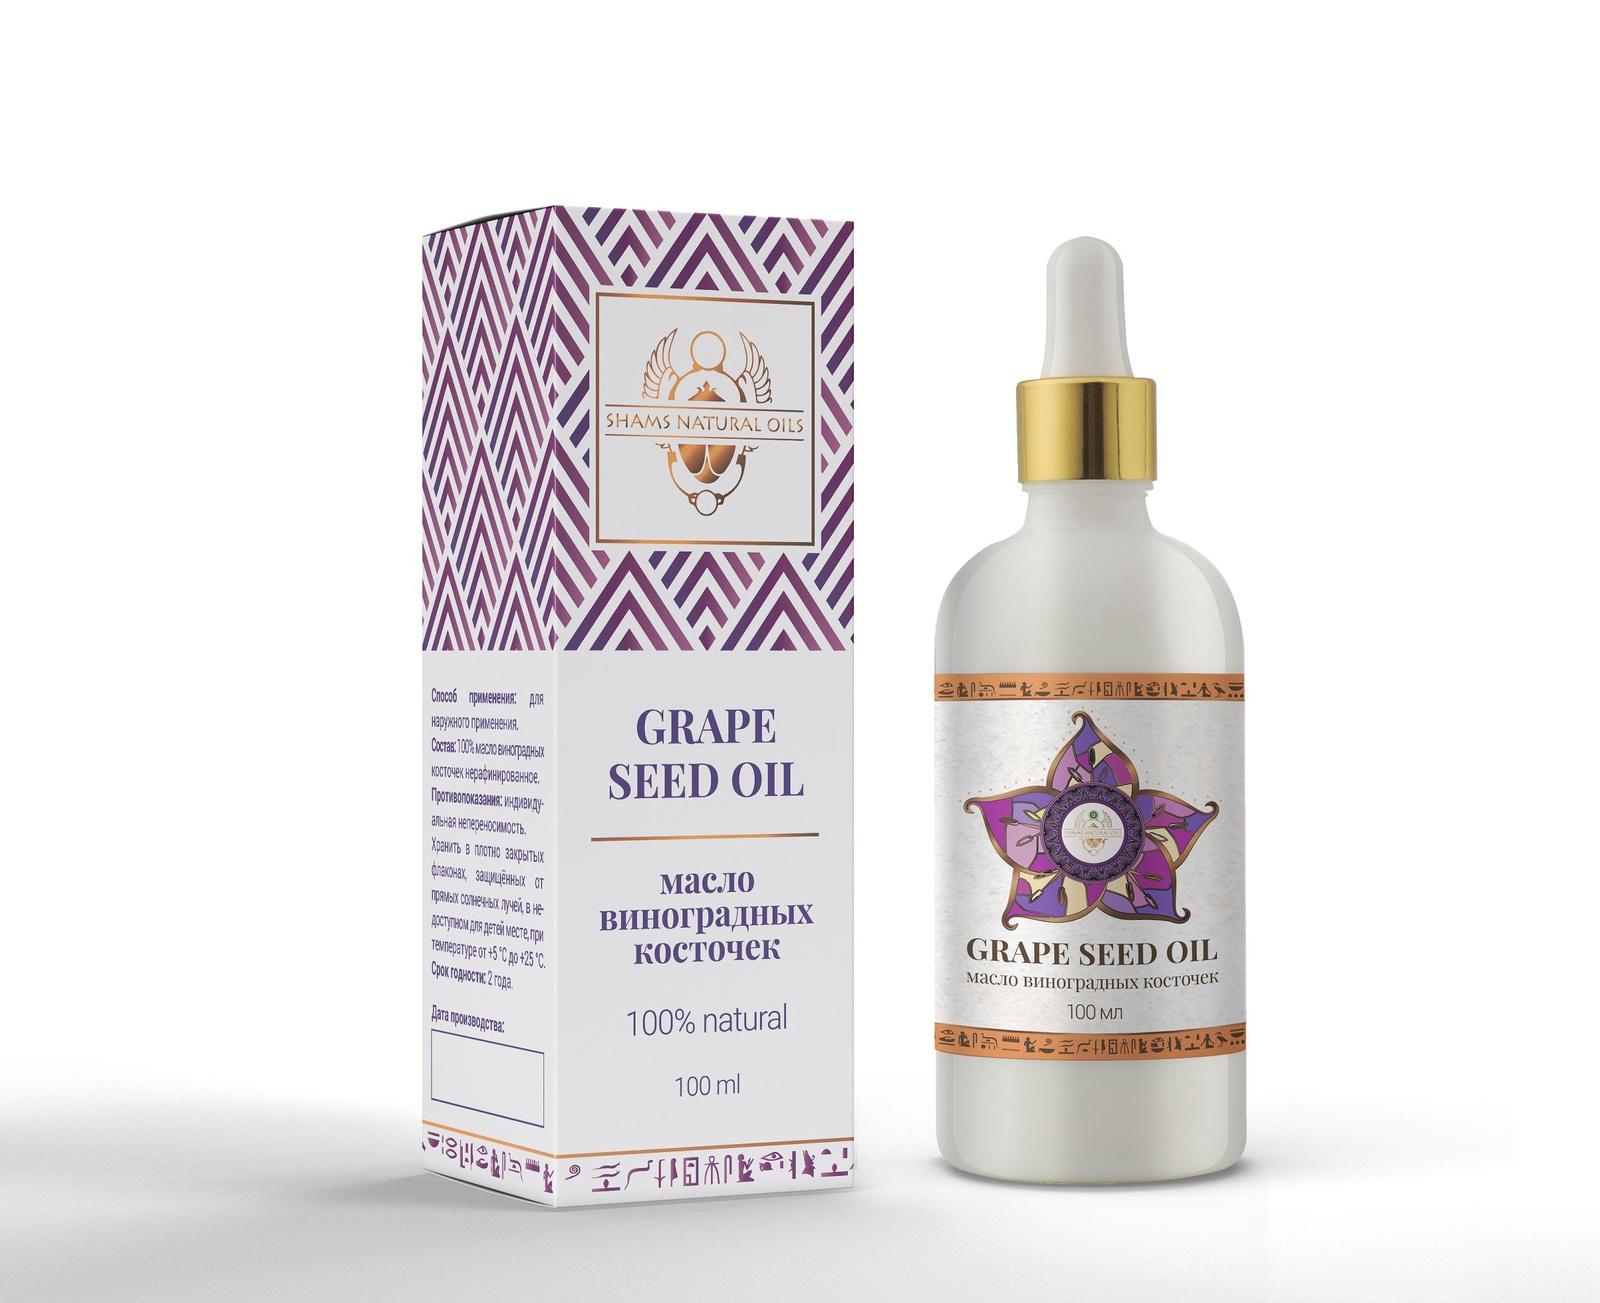 Масло косметическое Shams Natural Oils виноградной косточки 100 мл